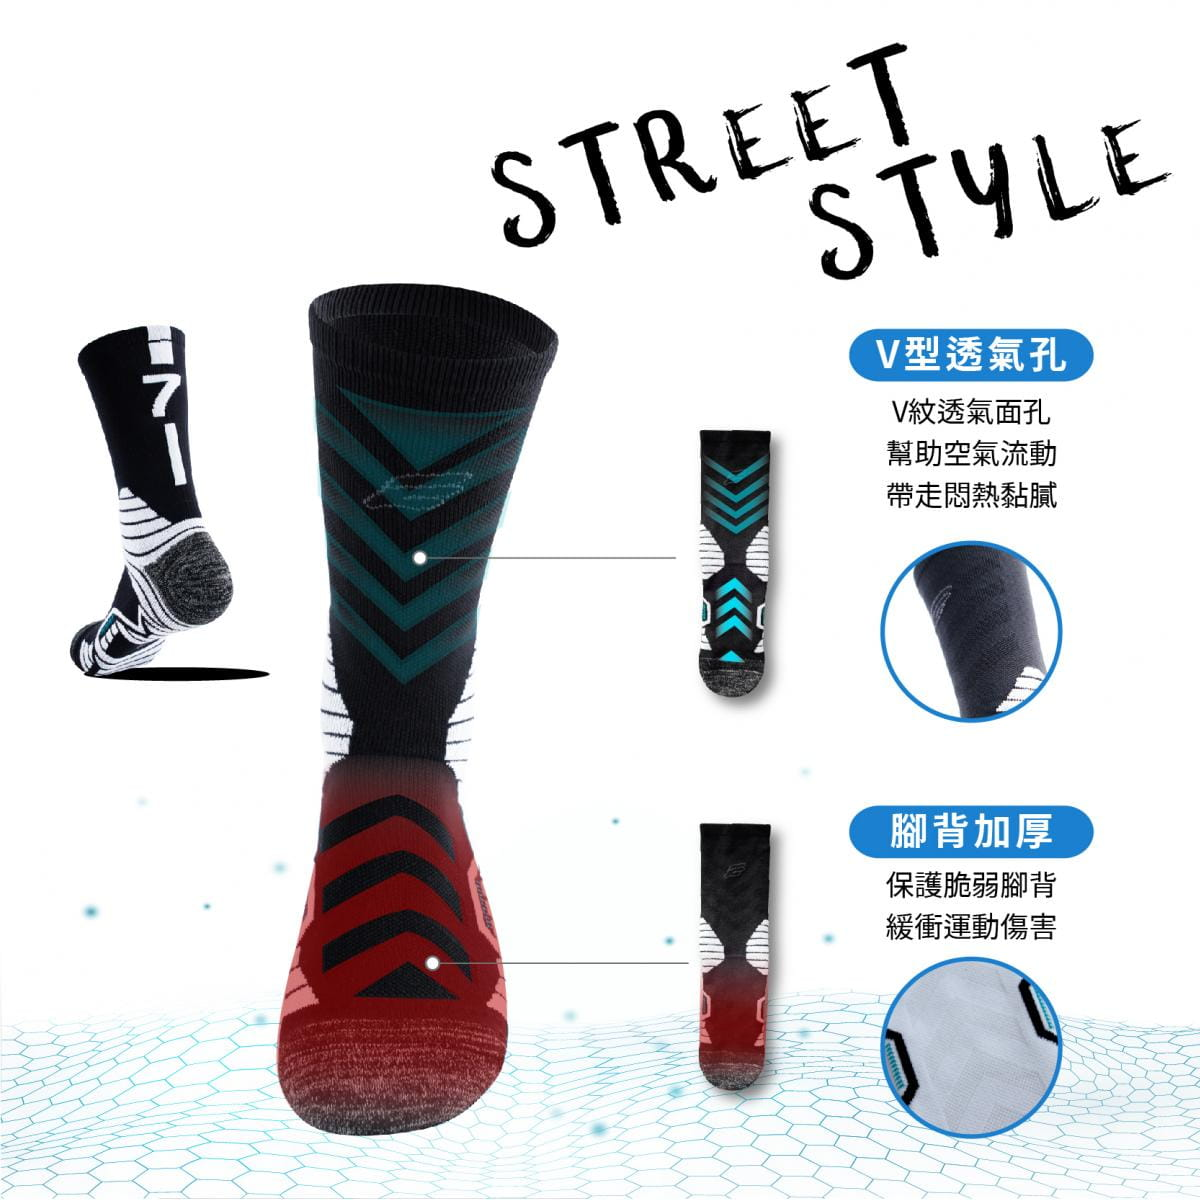 【FAV】運動加大除臭數字襪(單隻販售) 3